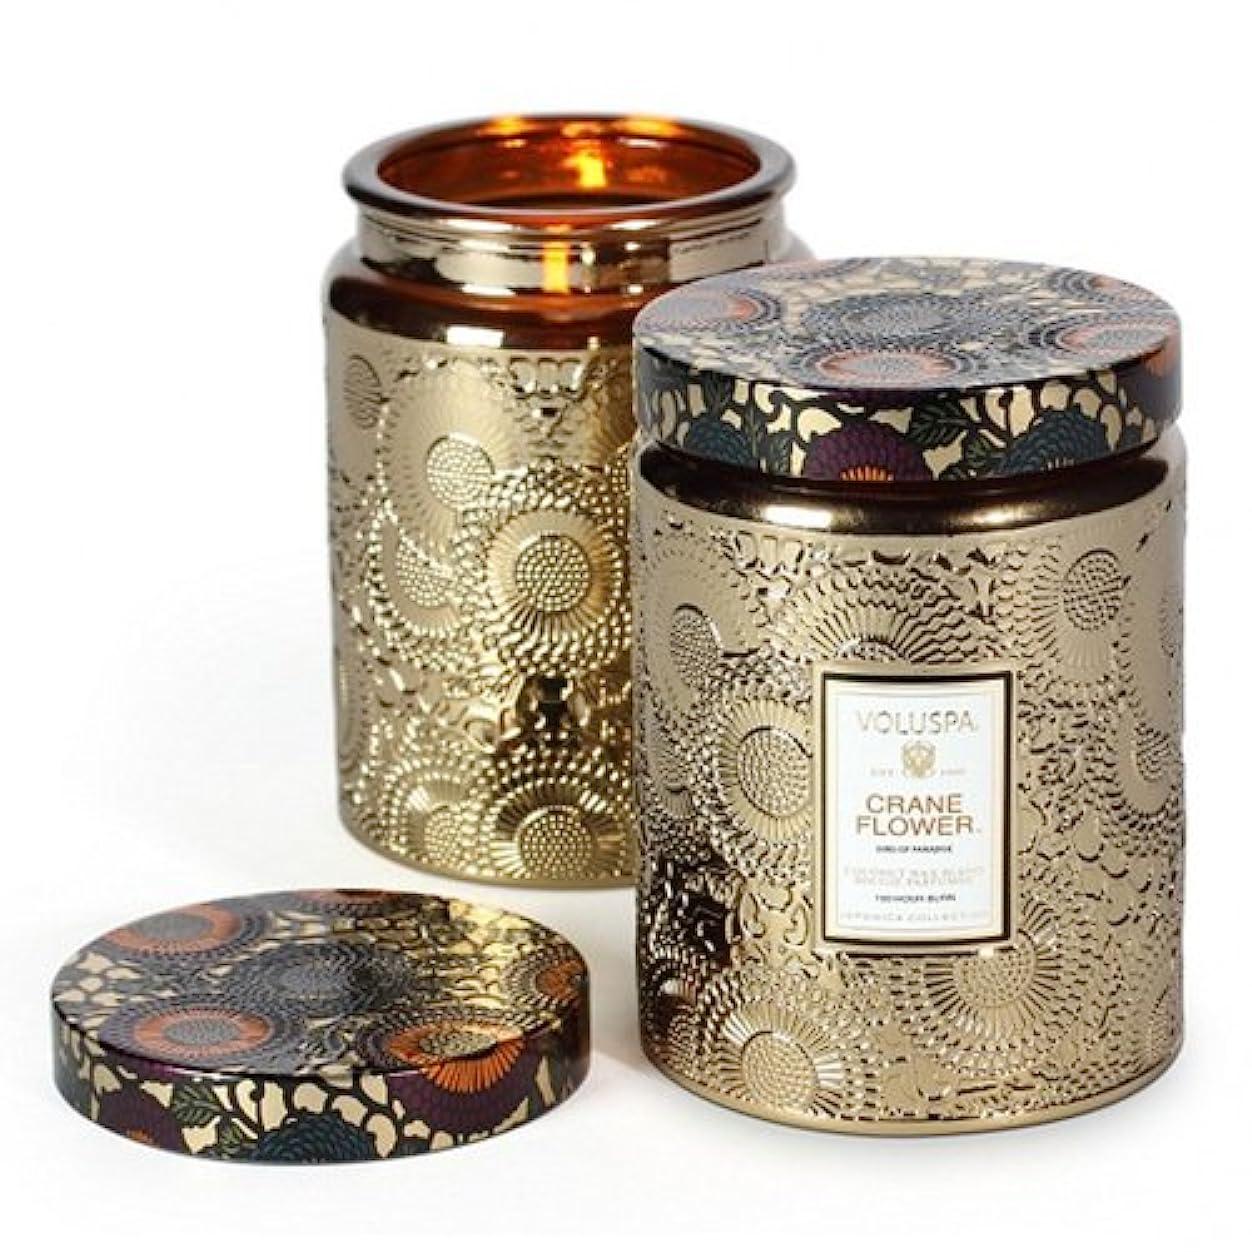 ピッチャーインペリアル受け取るVoluspa ボルスパ ジャポニカ グラスジャーキャンドル L クレーンフラワー JAPONICA Glass jar candle CRANE FLOWER